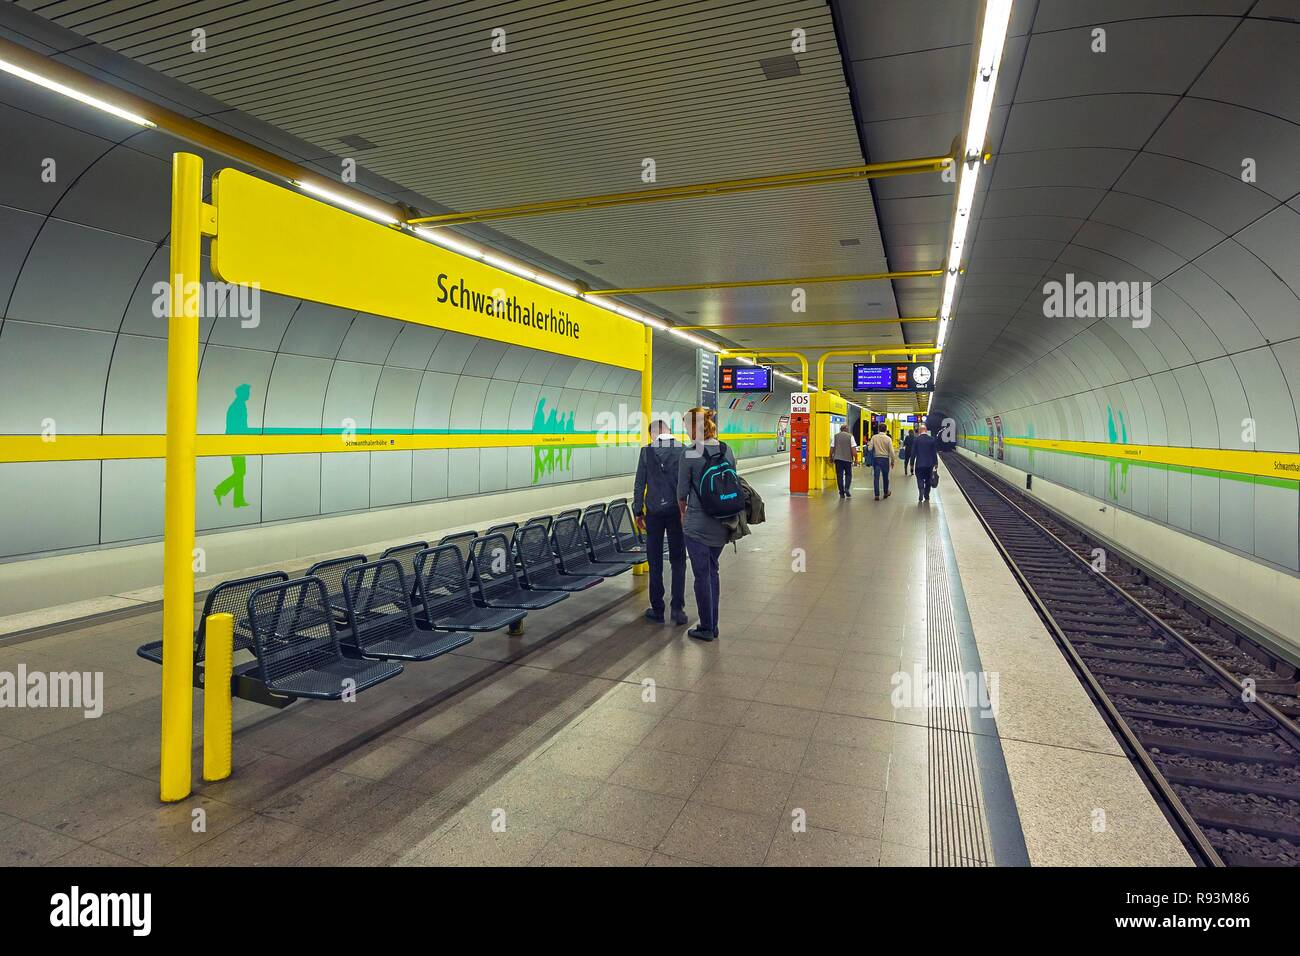 Underground station, Schwanthalerhöhe, Munich, Upper Bavaria, Bavaria, Germany - Stock Image